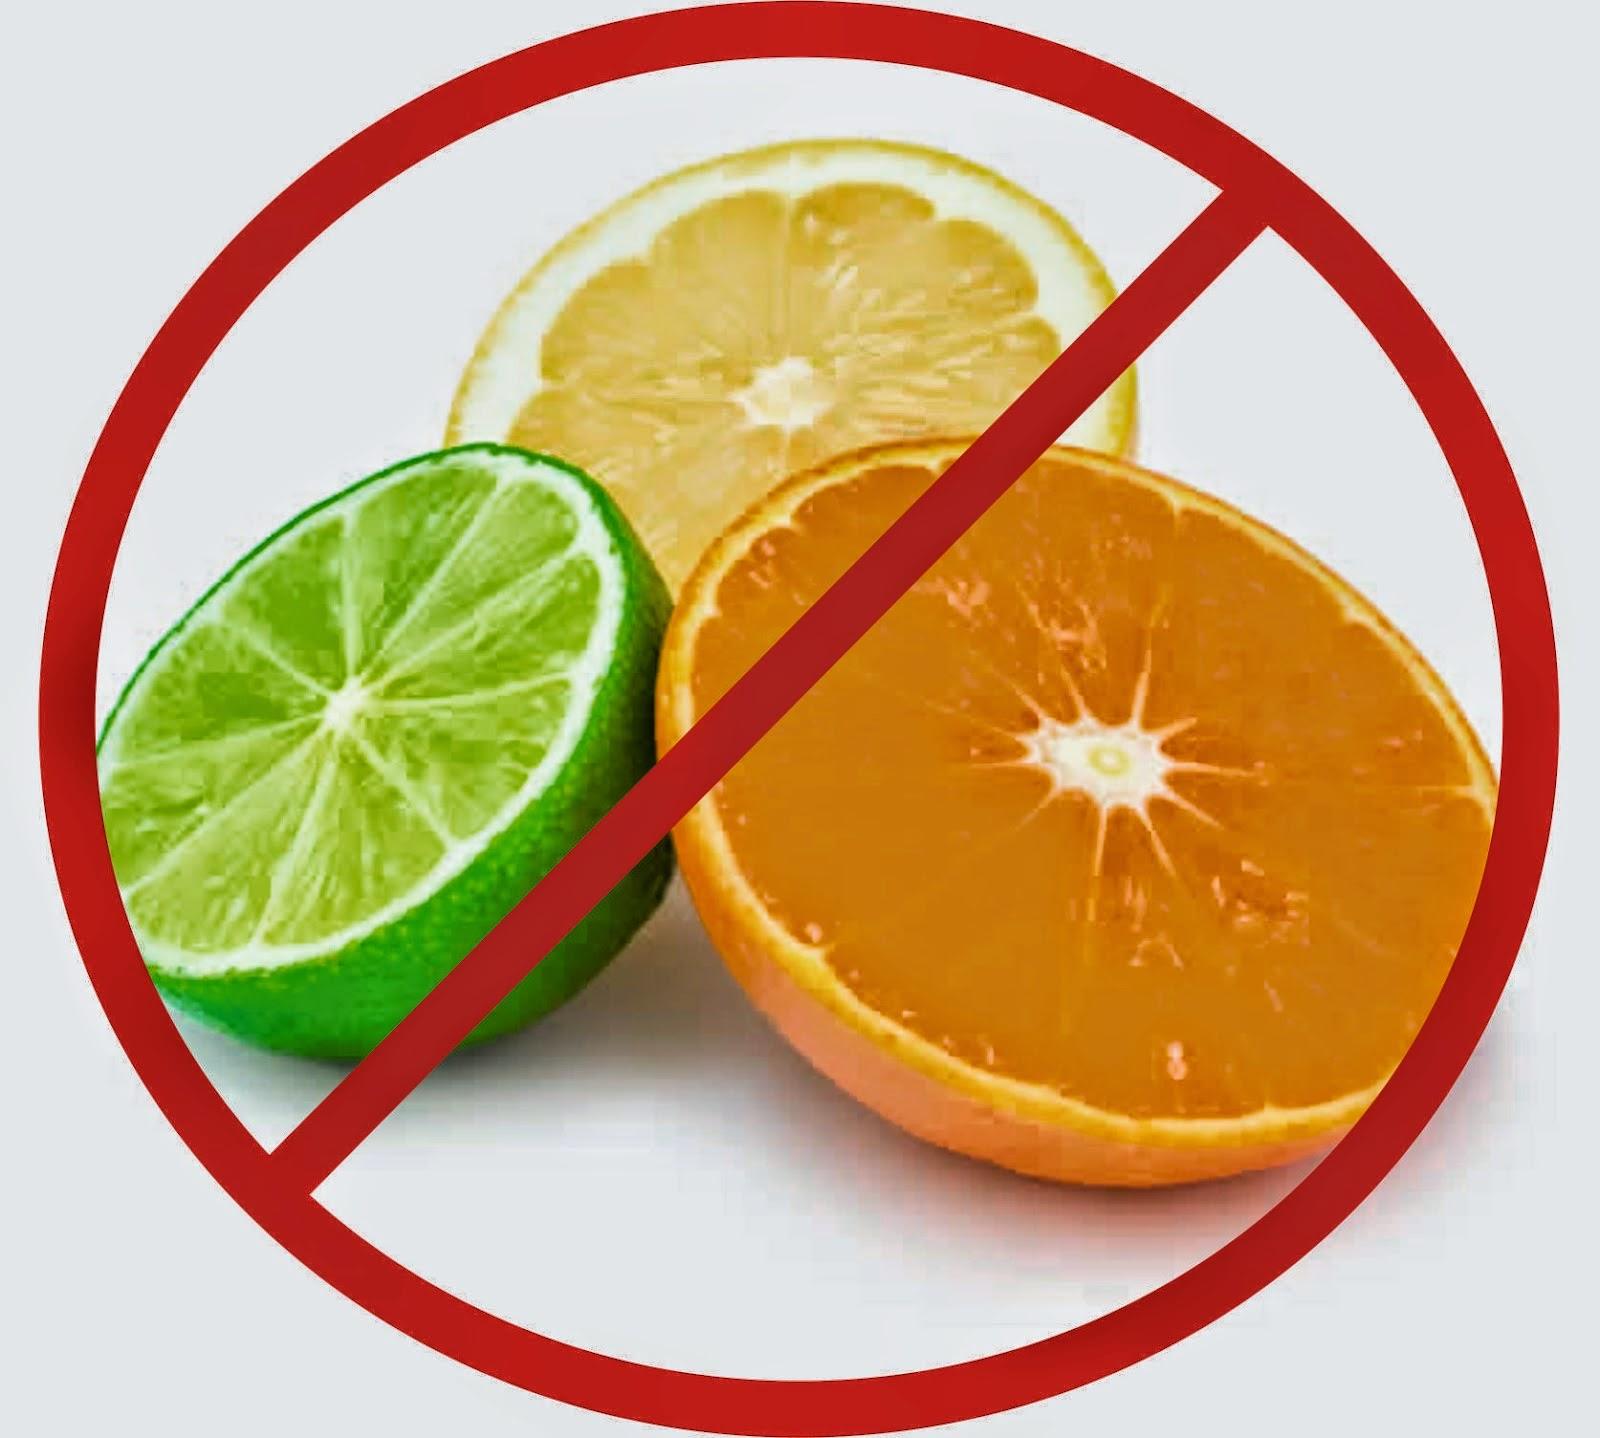 Bendito aloe hernia de hiato consejos y tratamiento - Alimentos prohibidos para la hernia de hiato ...